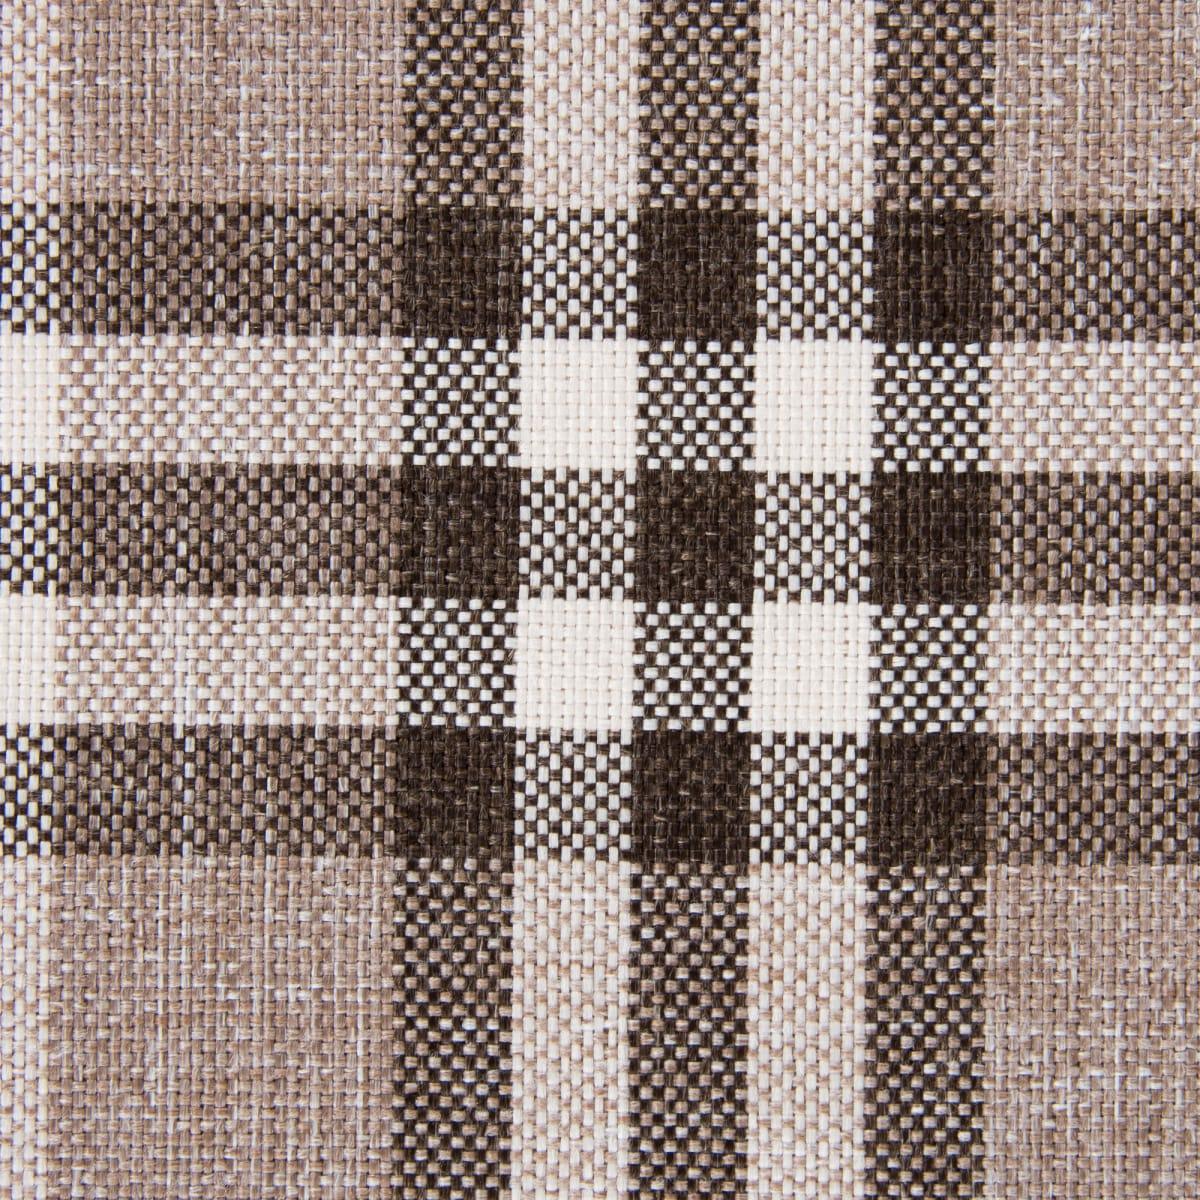 ткань для мебели купить саратов